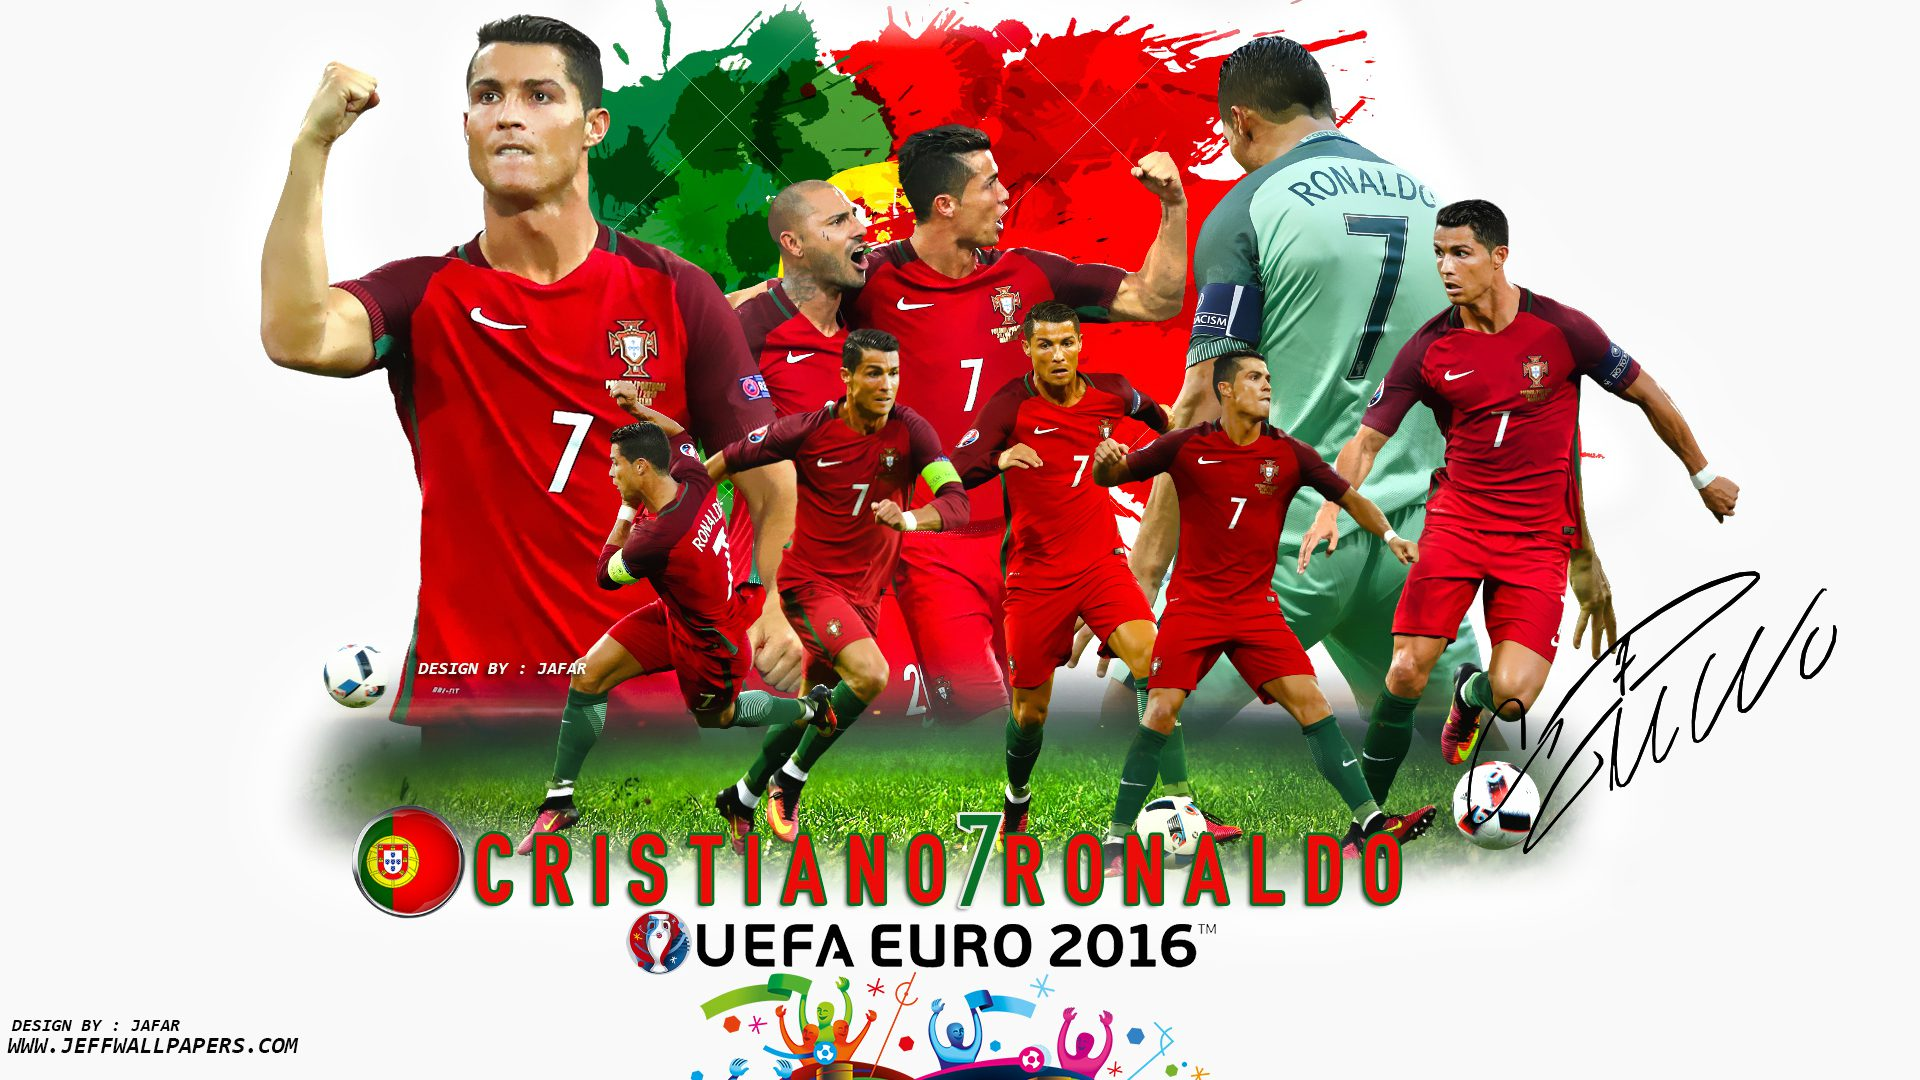 Сборная Португалии по футболу чемпионы Европы 2016